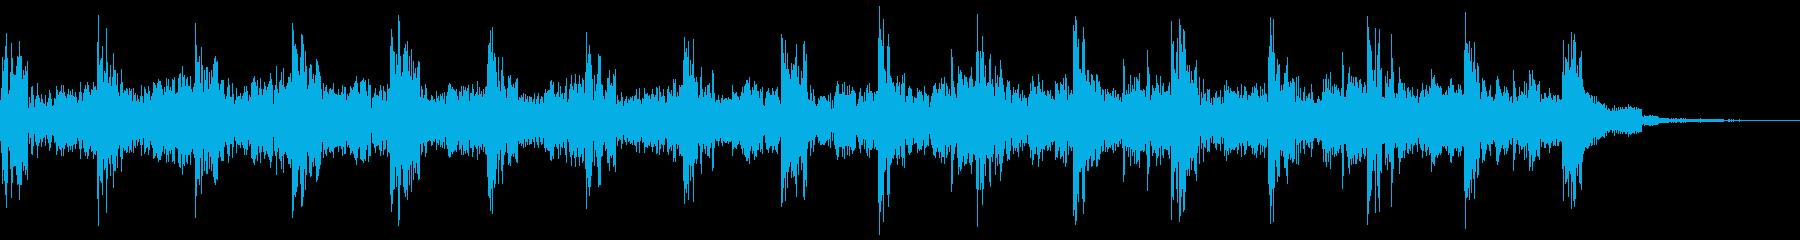 ストロボタグの再生済みの波形